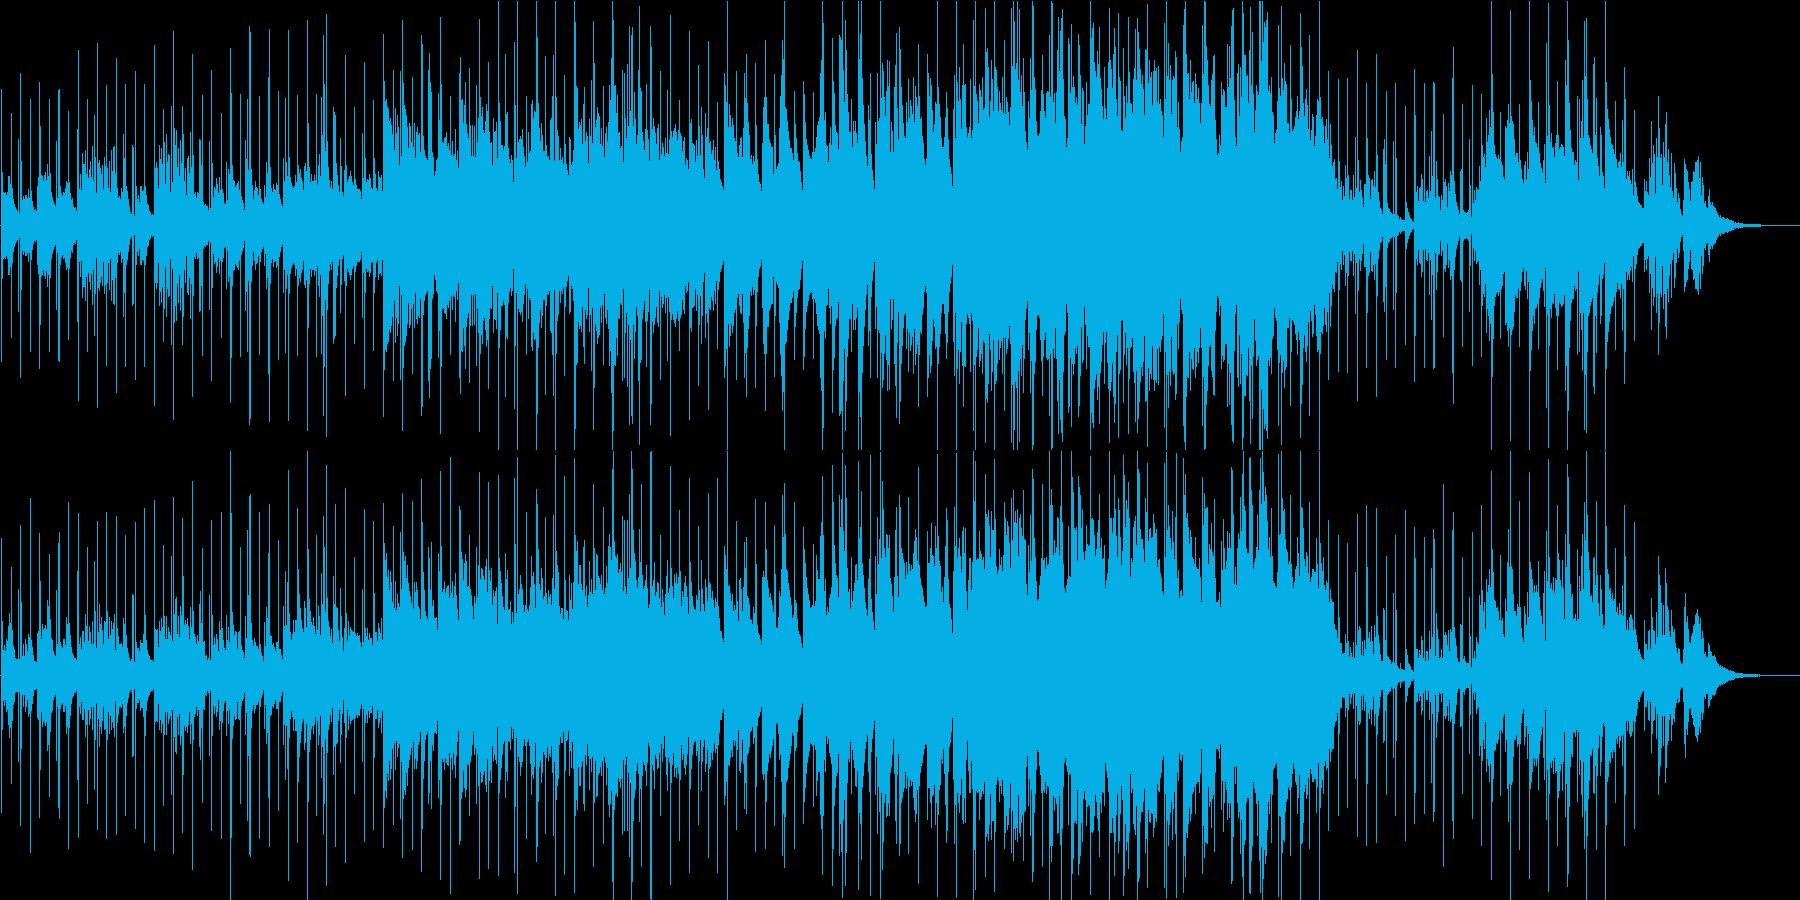 冬・星・雪 ヒーリング系ピアノのBGMの再生済みの波形